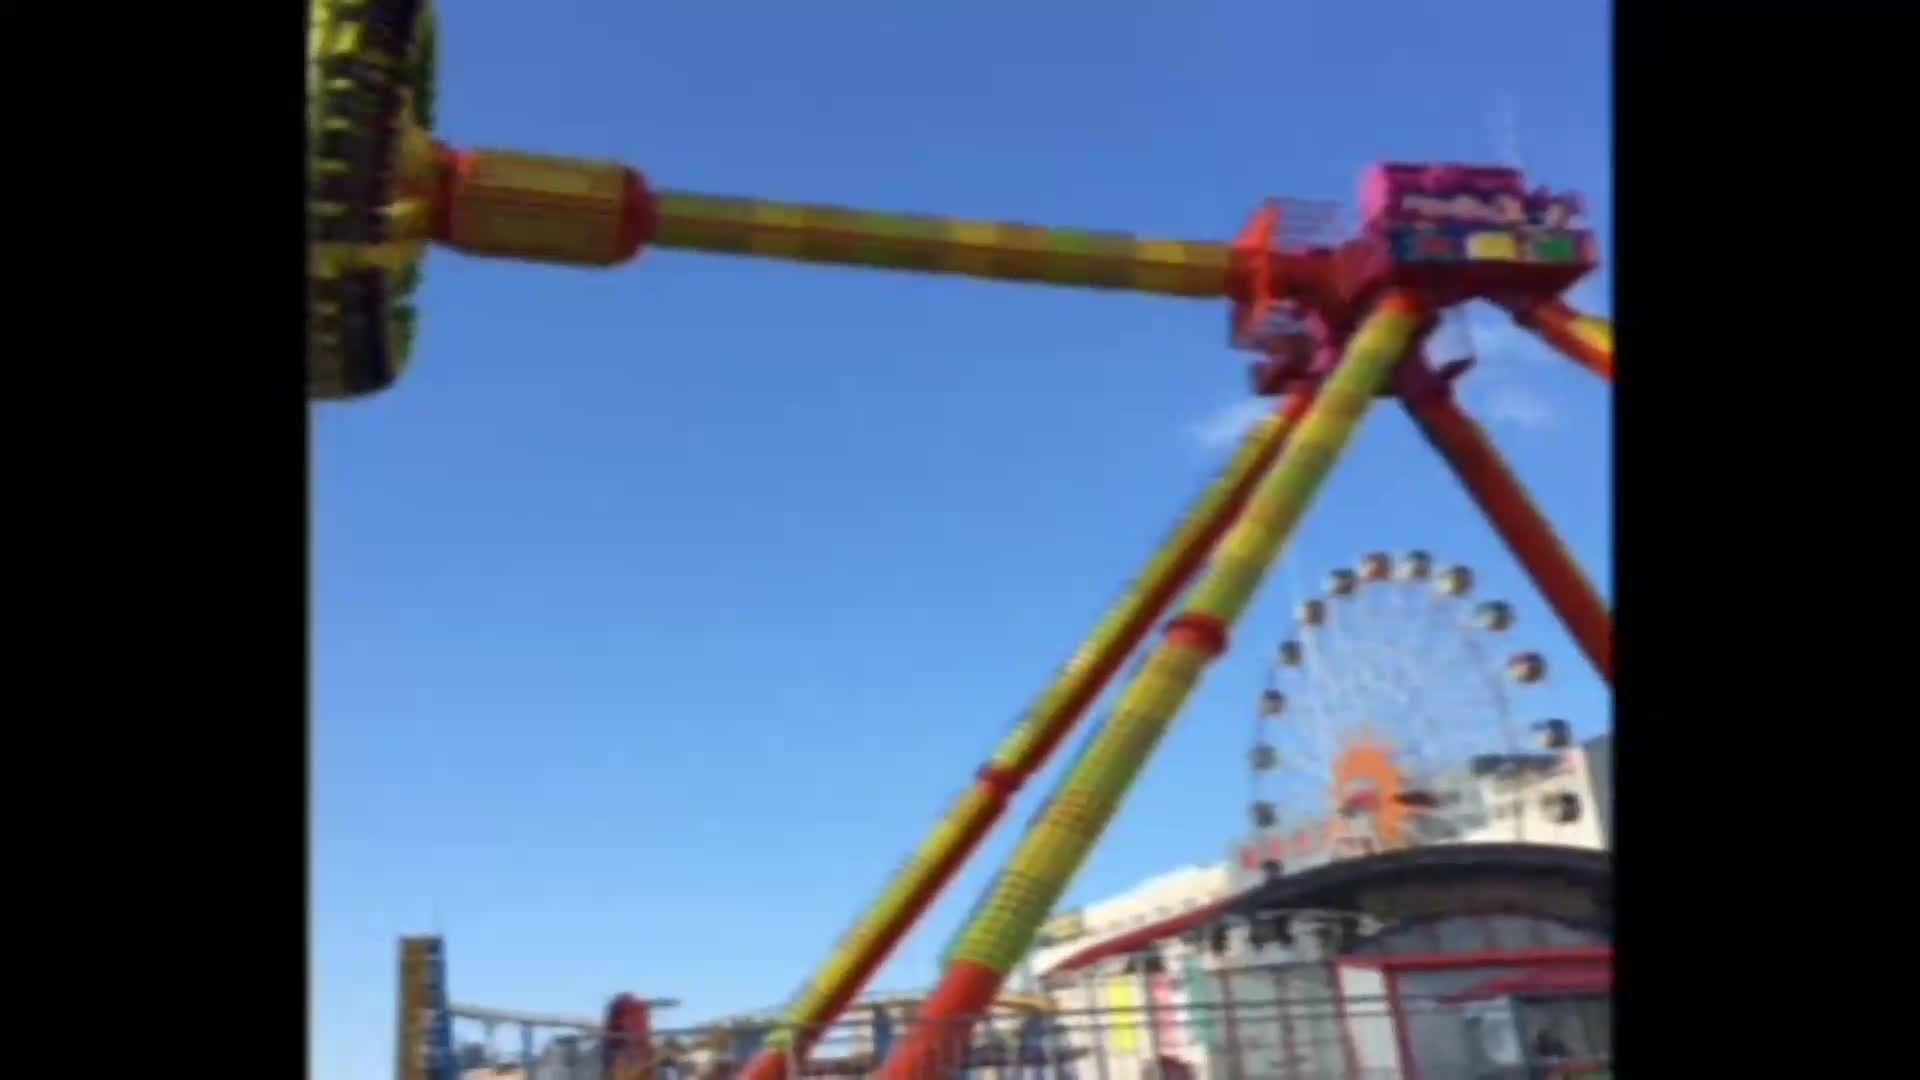 Klassische vergnügungspark schaukel fahrten riesigen pendel super frisbee fahrgeschäfte